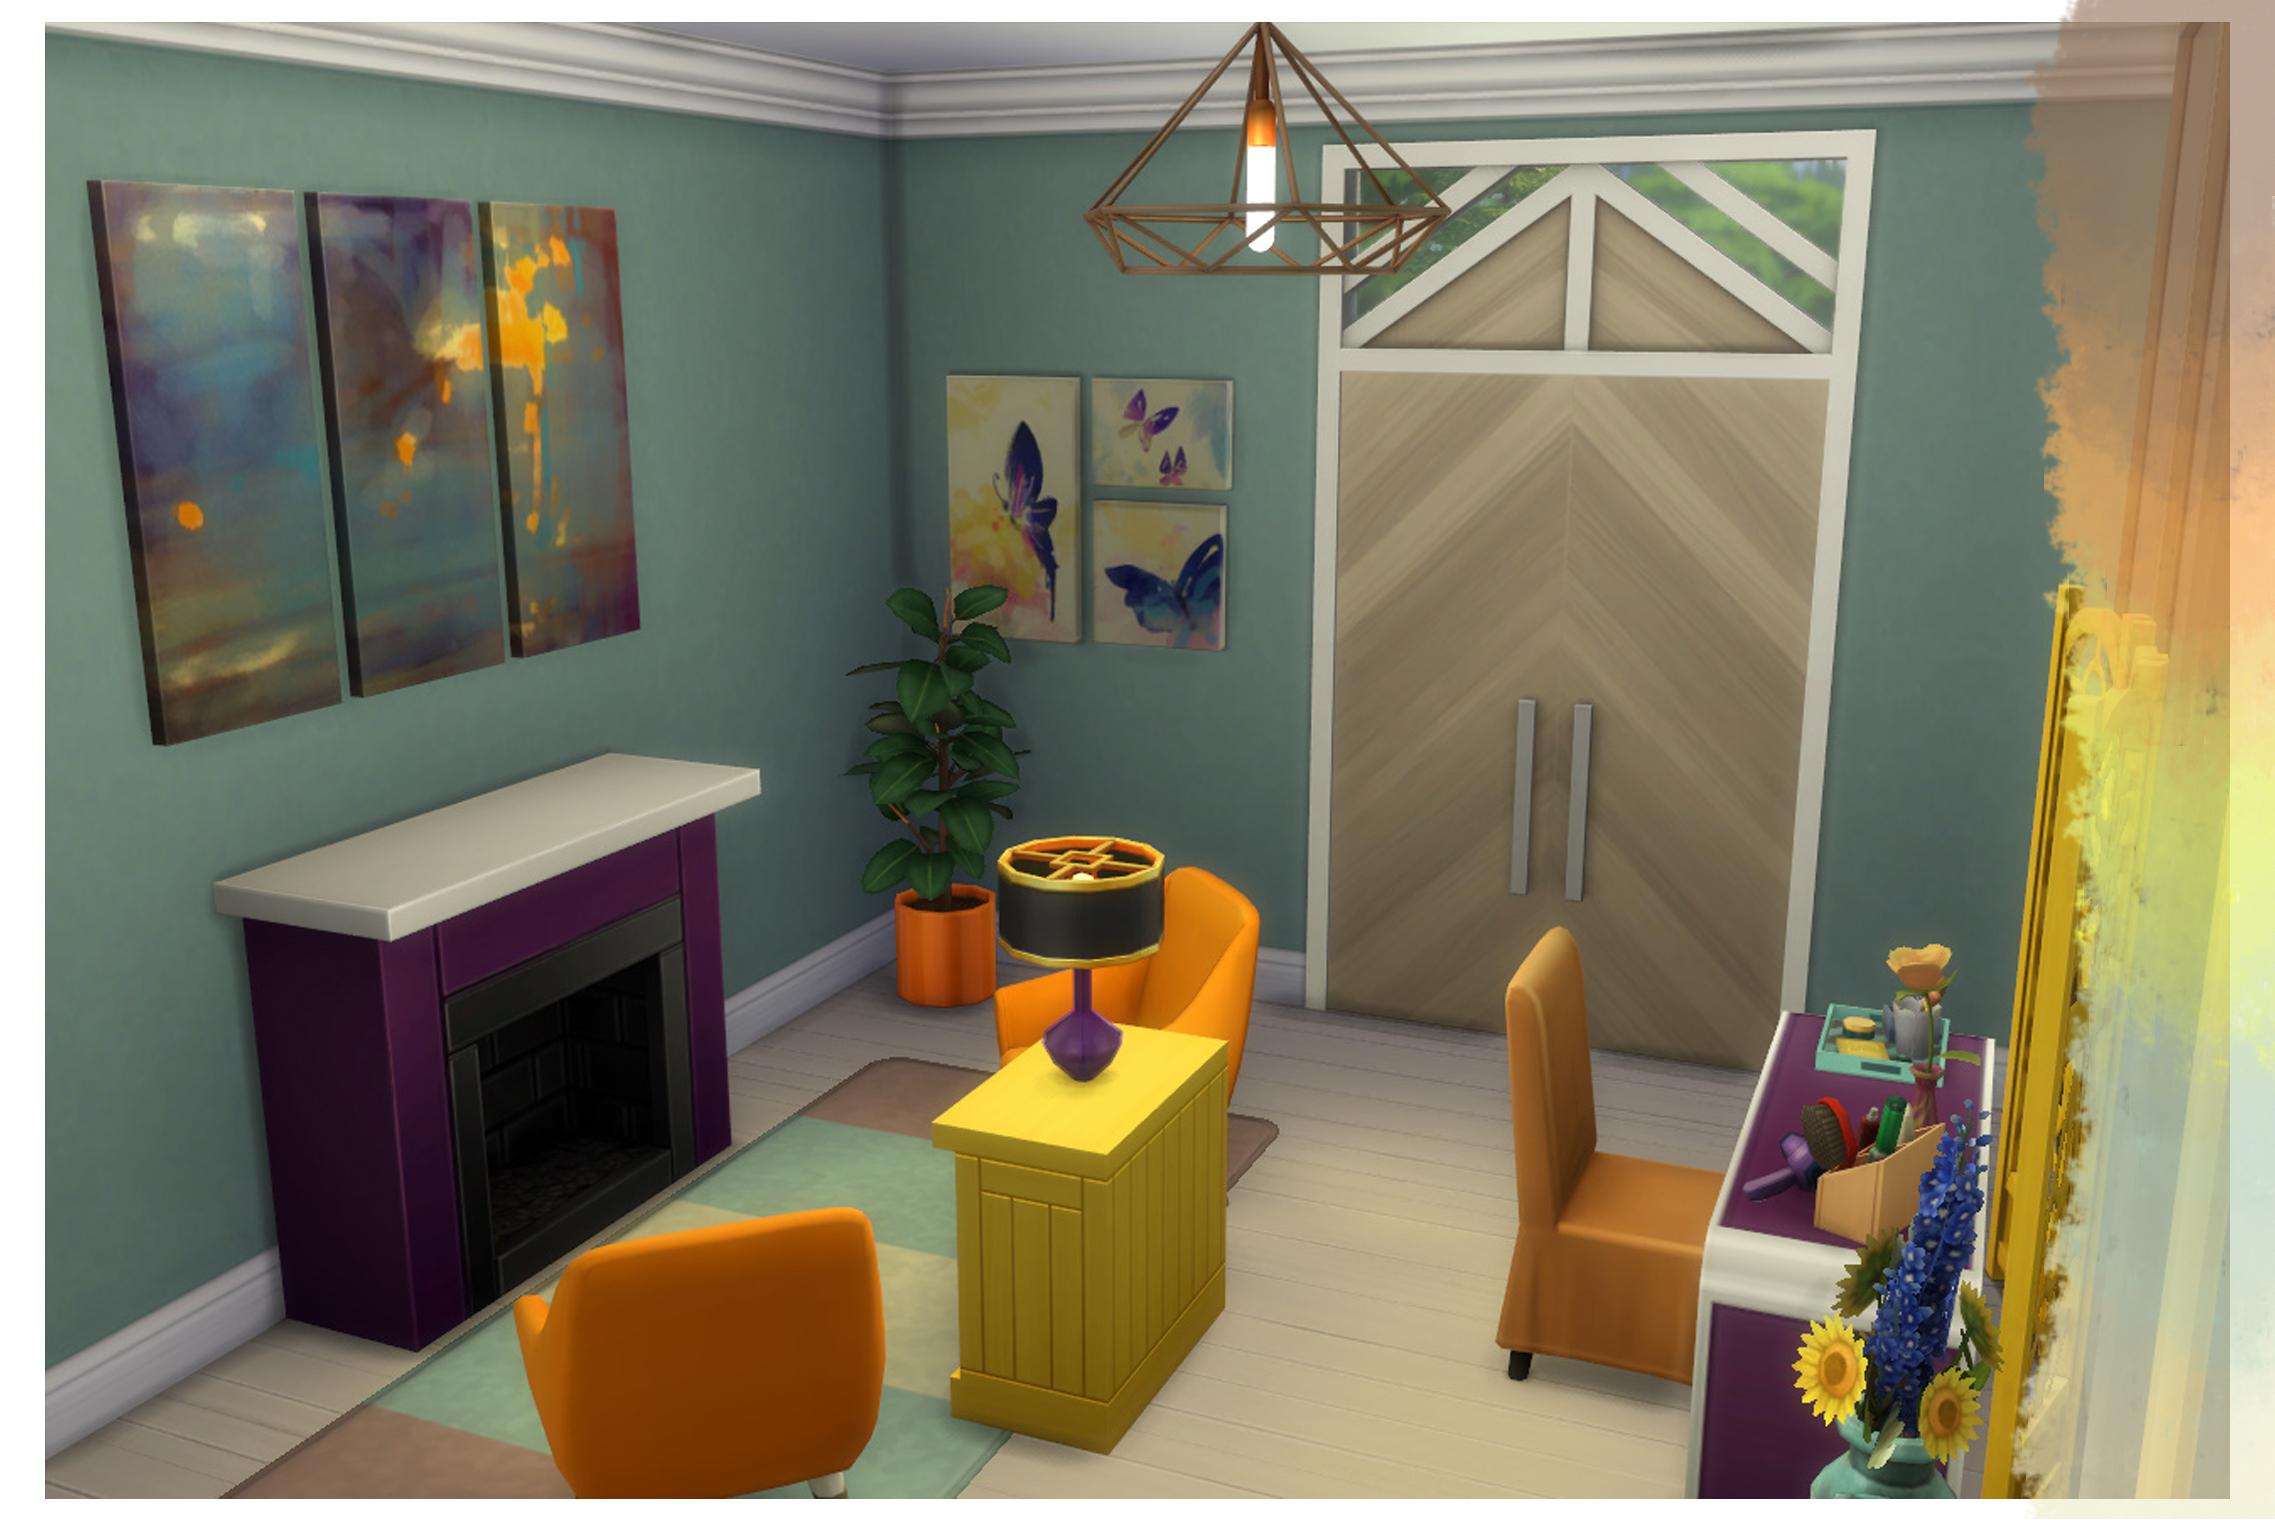 Sims 4 Color Palette Build